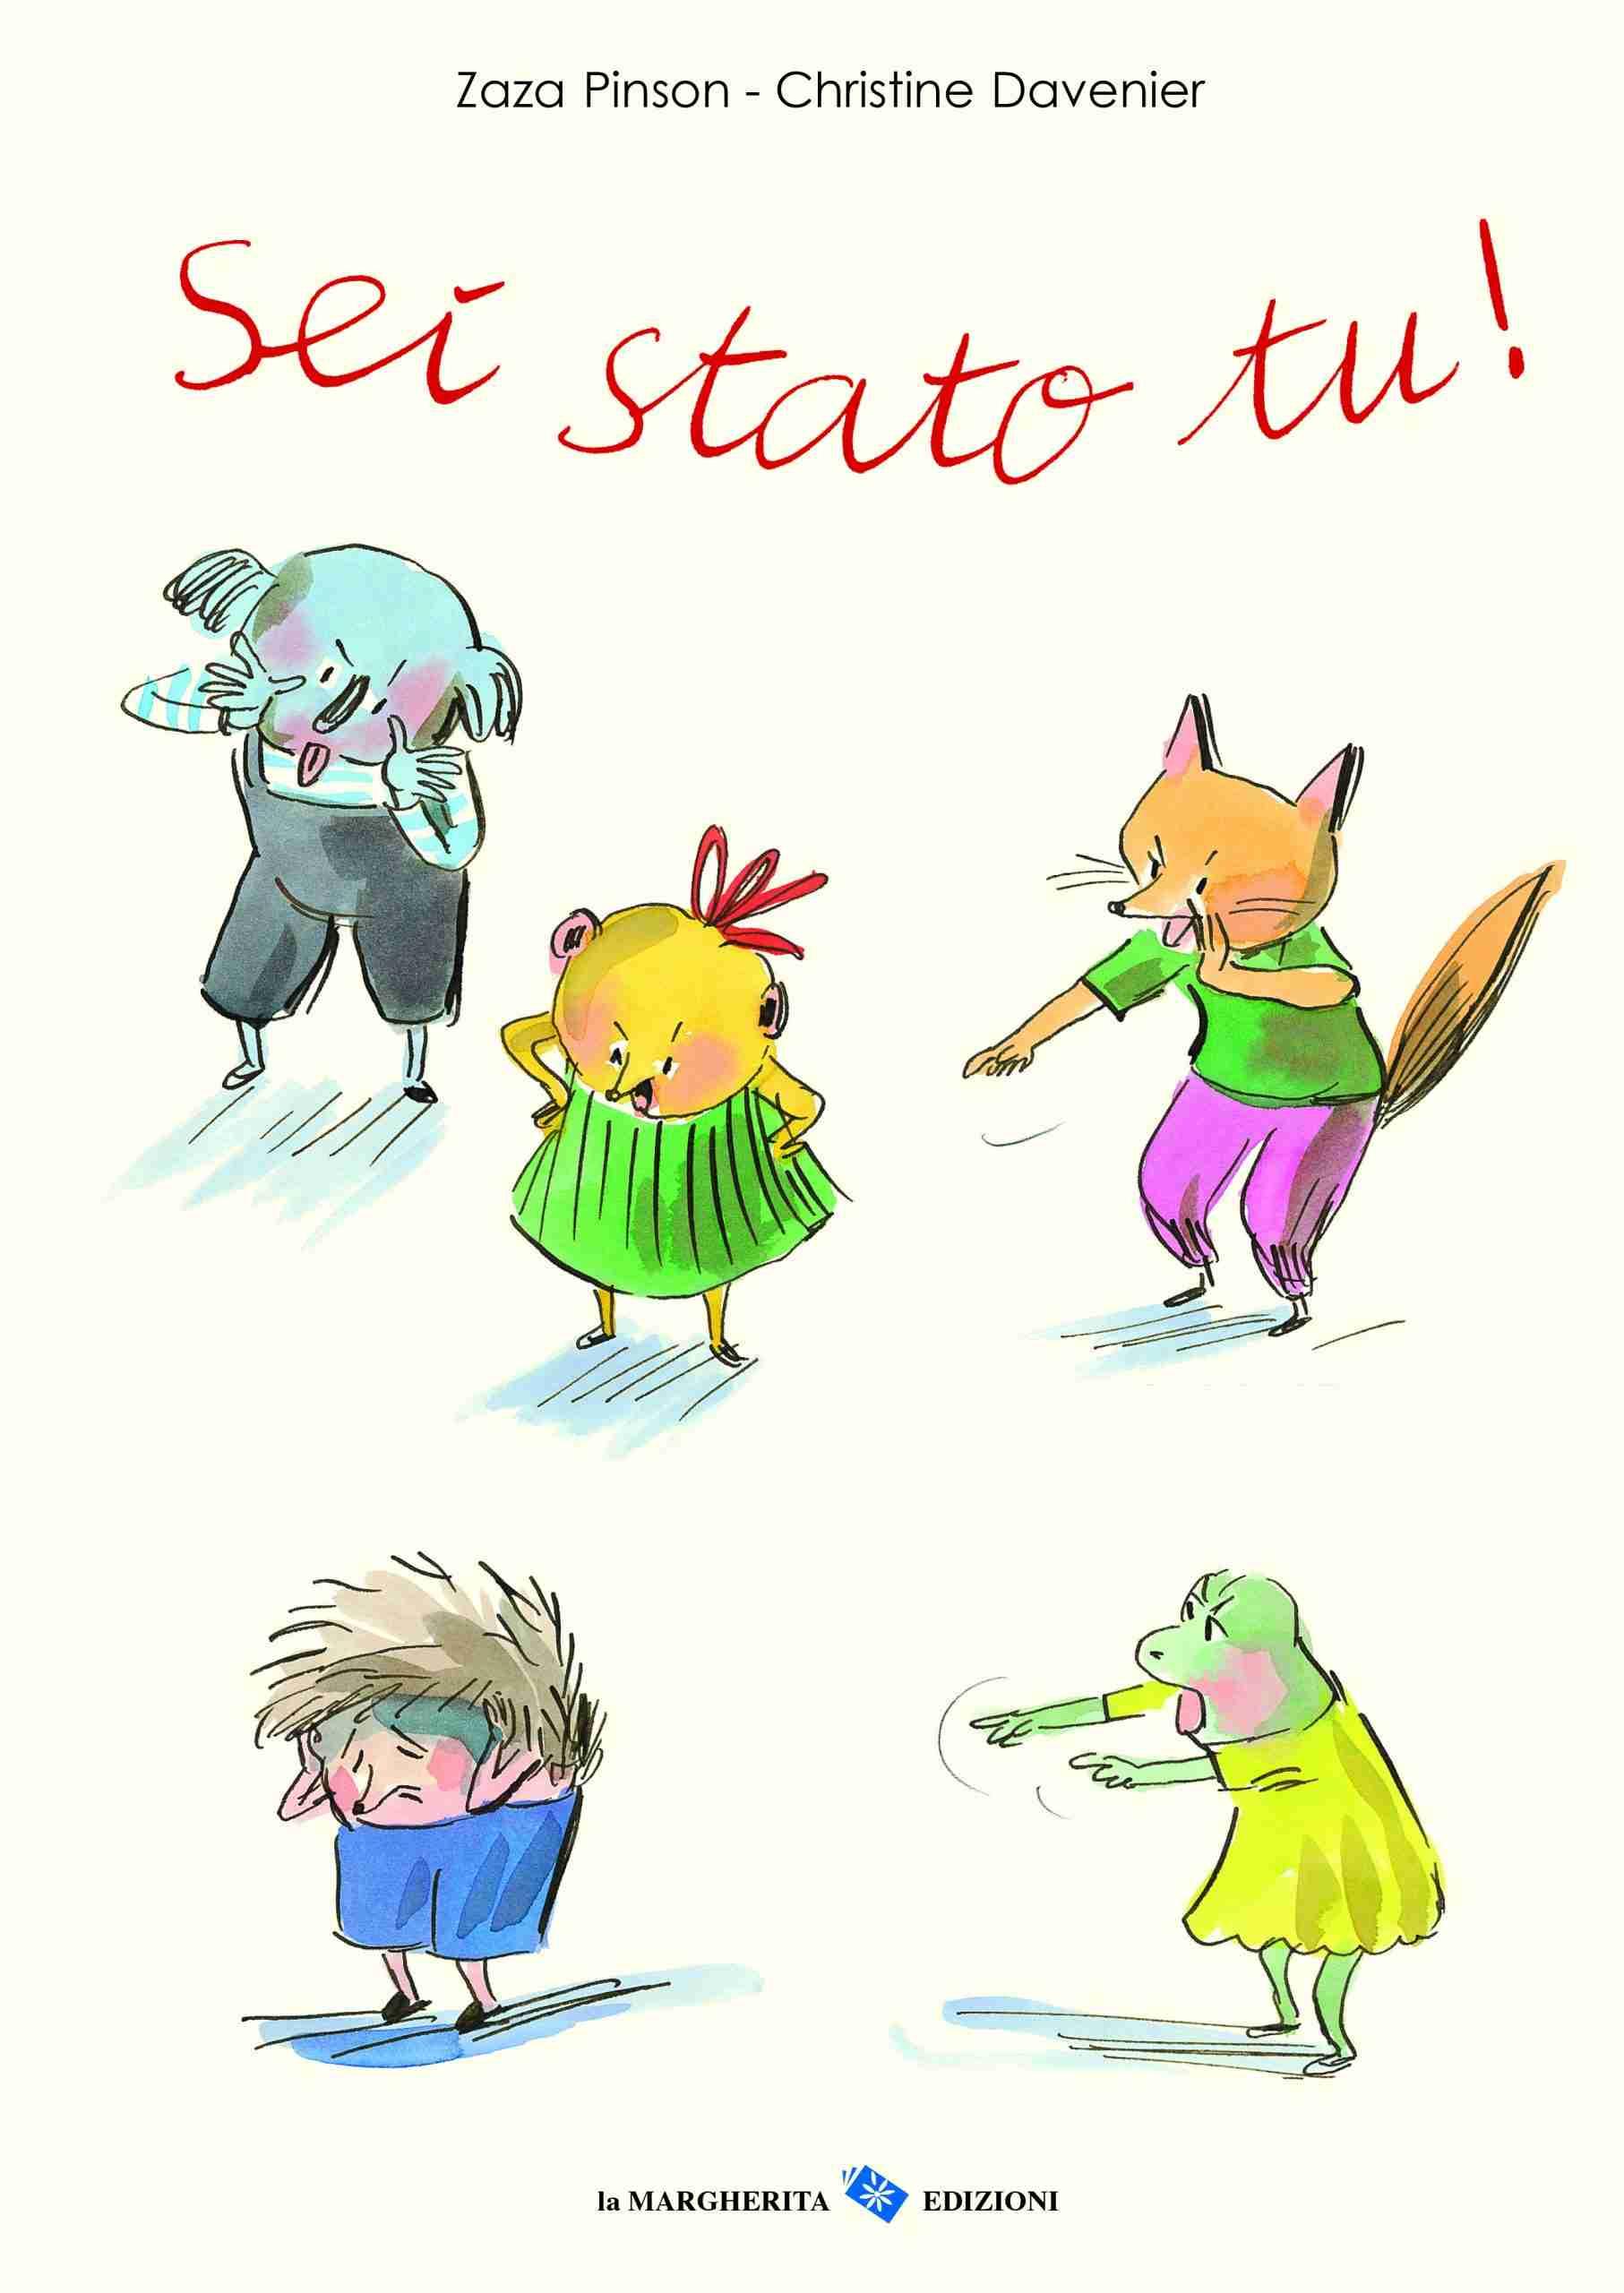 SEI STATO TU! di Zaza Pinson e Christine Davenier, LA MARGHERITA Edizioni